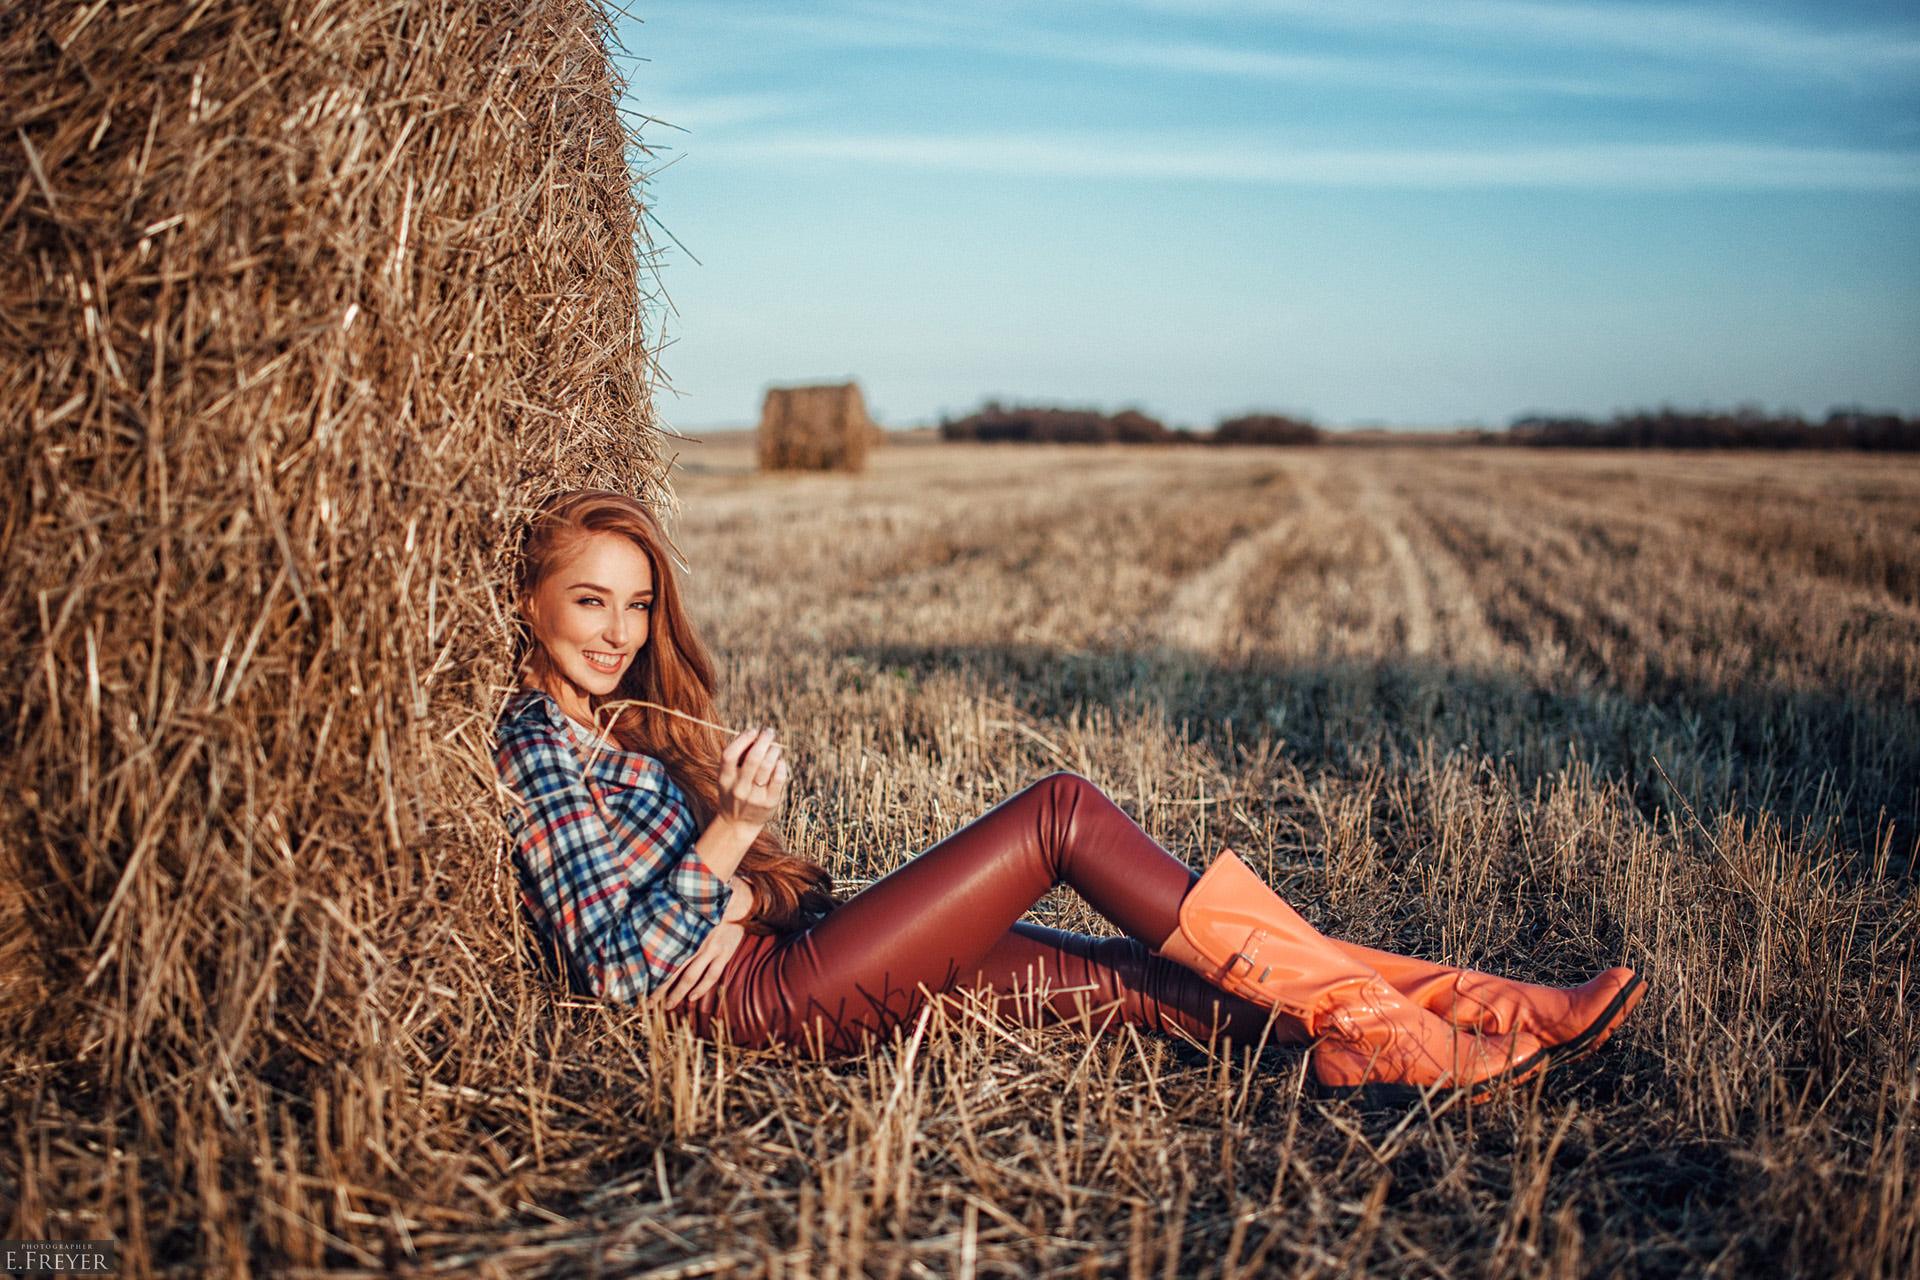 что одеть на фотосессию в поле